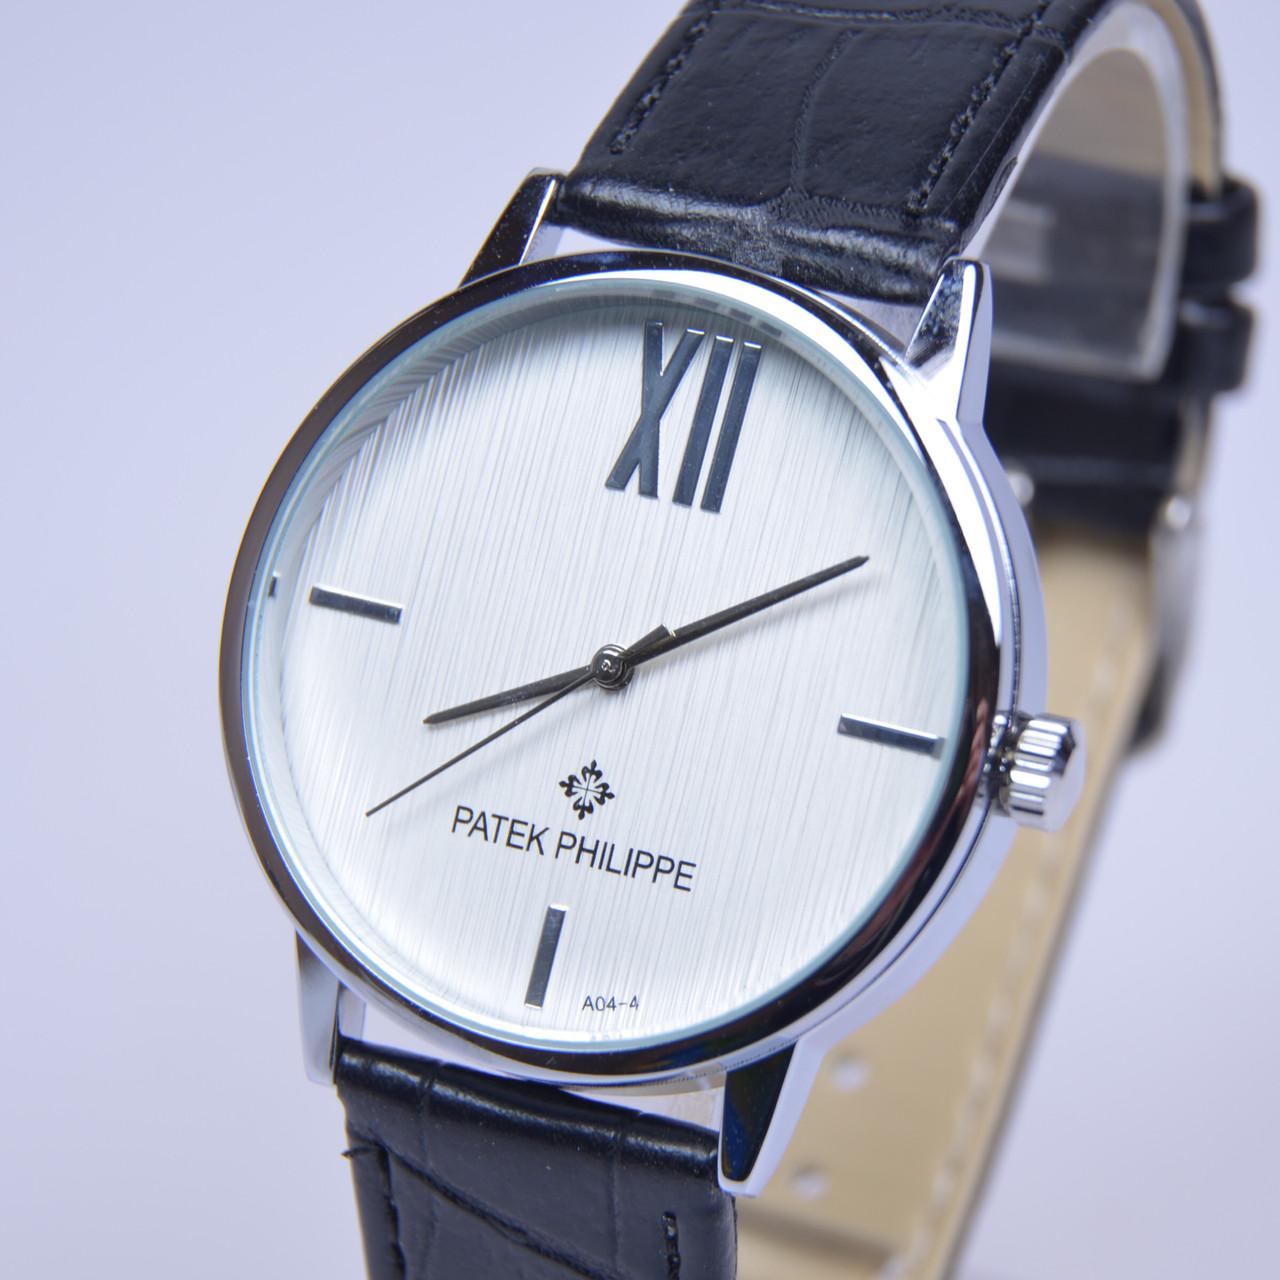 Мужские наручные часы Patek Philippe кварц